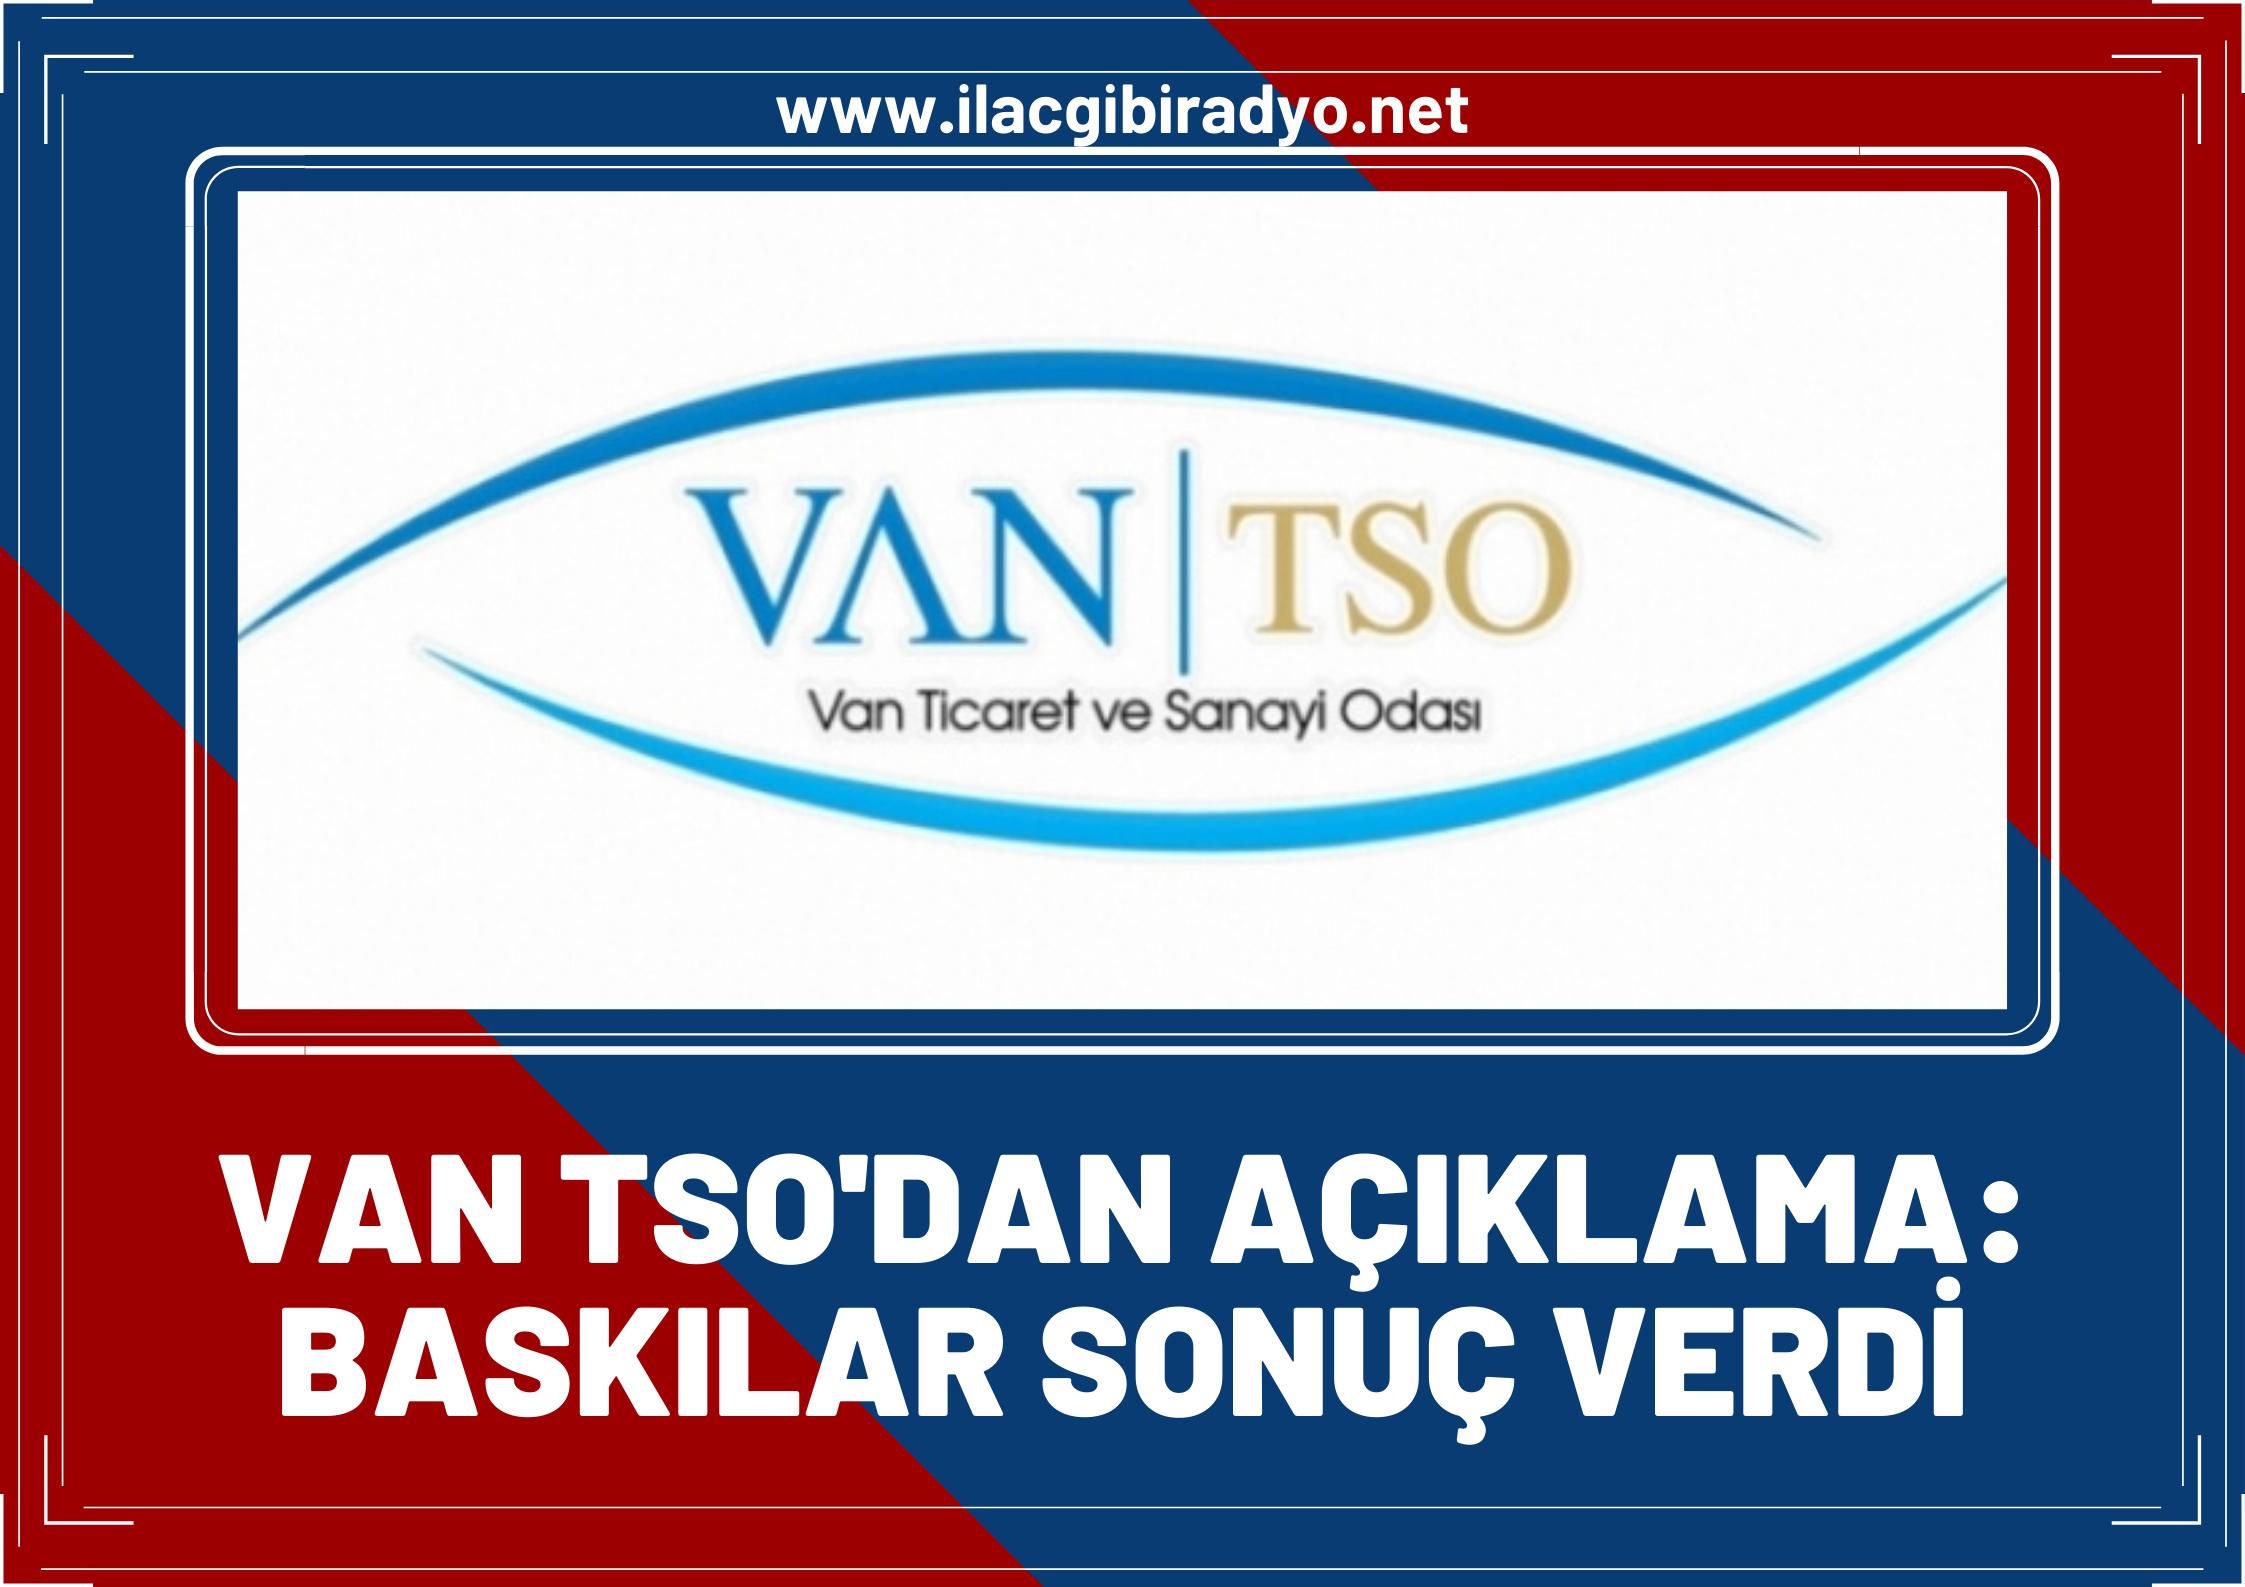 """Van Ticaret ve Sanayi Odası'ndan kapıköy-razi açıklaması! """"Baskılar sonuç verdi"""""""